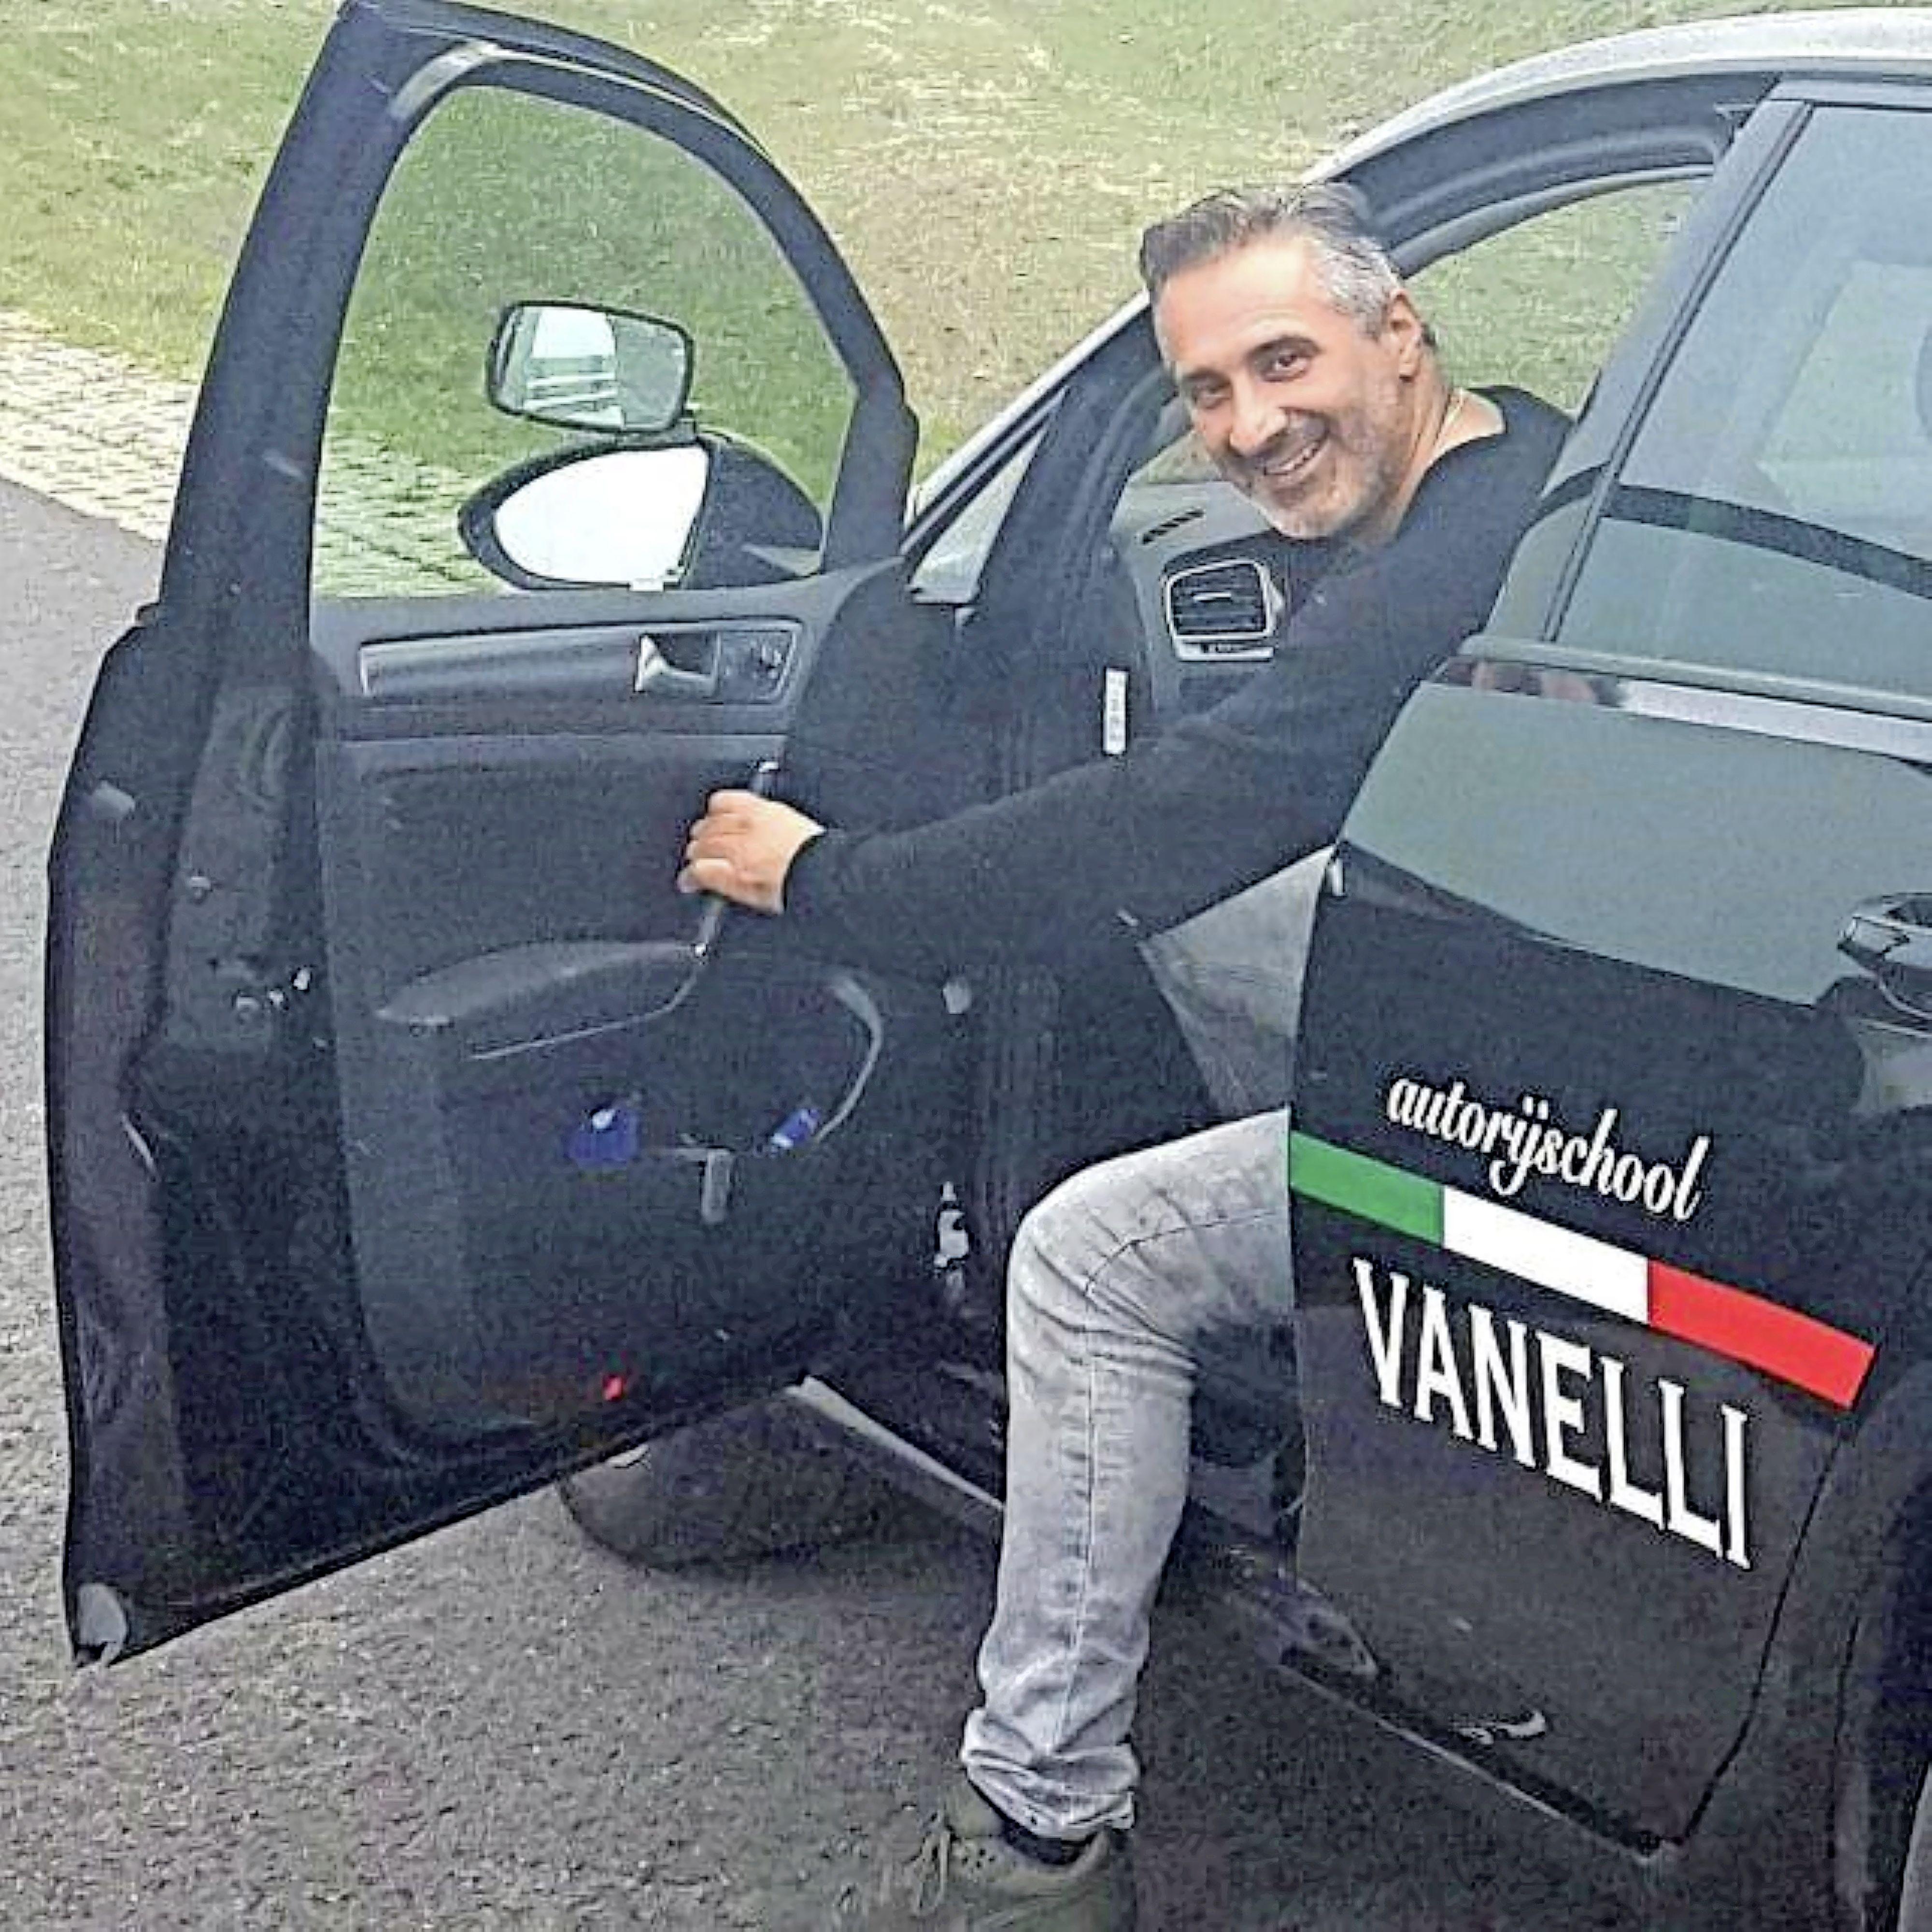 Diego Vanelli heeft nog nooit van Afke en haar gezin gehoord, maar hij helpt ze hun gestolen camper terugvinden. 'Tussen het rijles geven door ben ik constant gaan bellen. Ik heb door de adrenaline geen oog dicht gedaan'